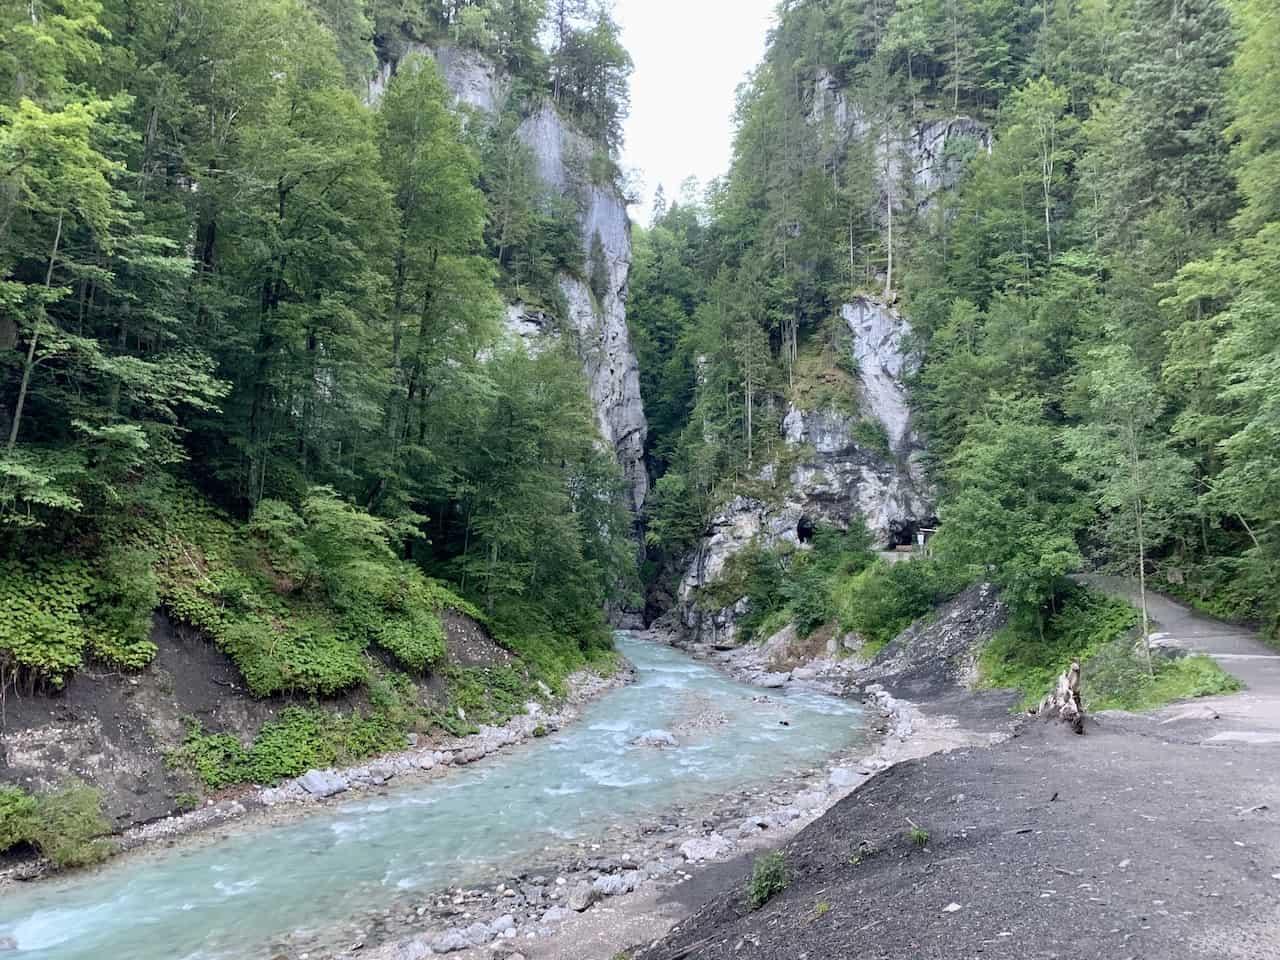 Bavaria Gorge